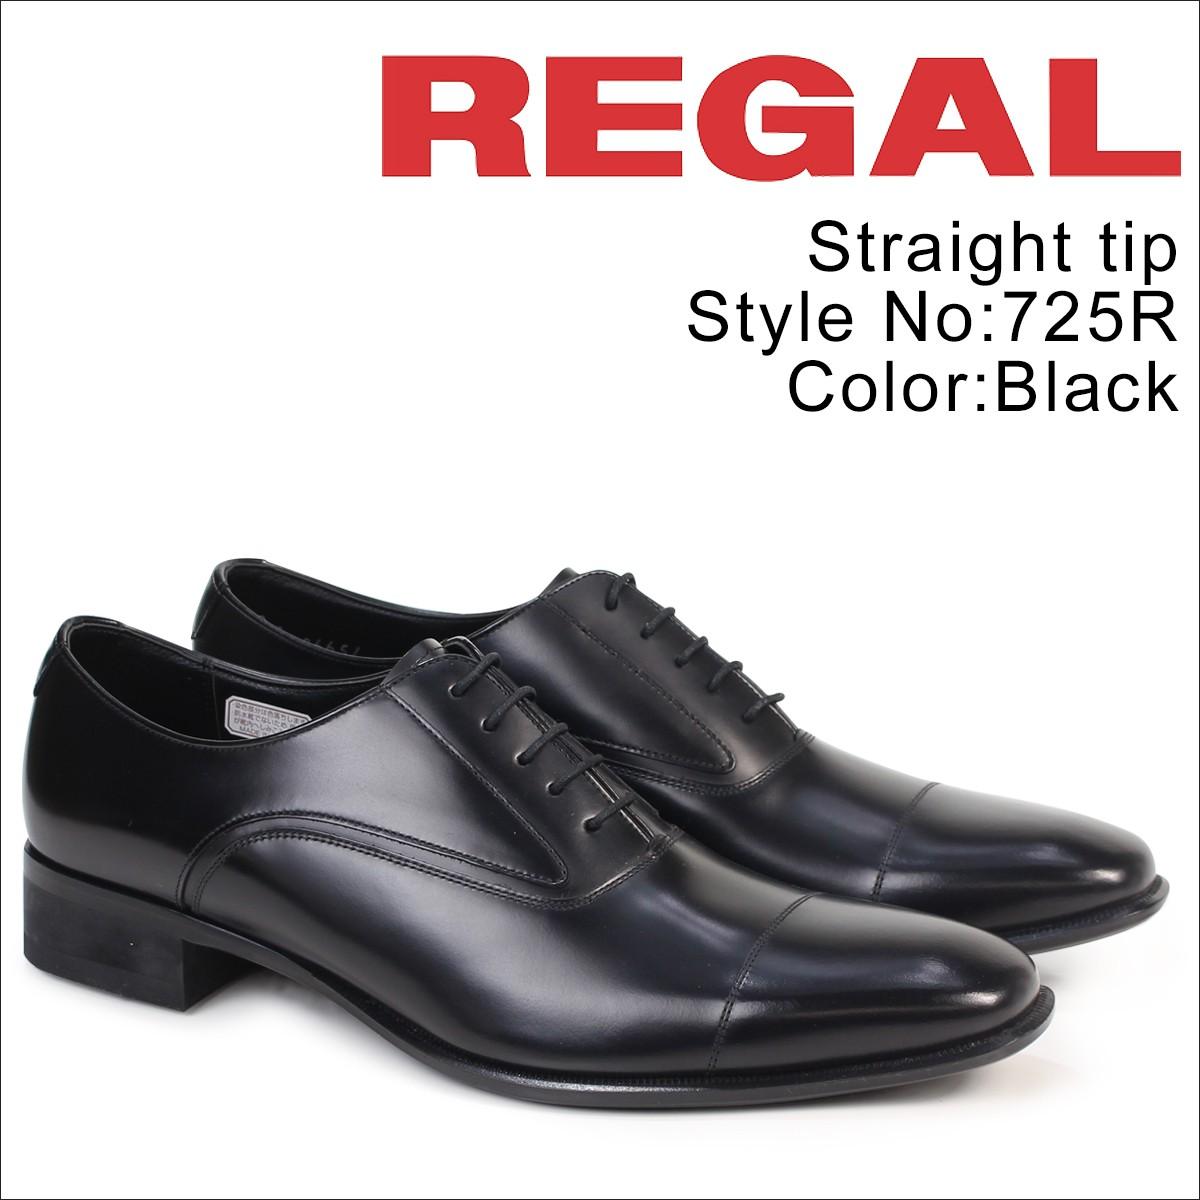 リーガル 靴 メンズ REGAL ストレートチップ 725RAL ビジネスシューズ 日本製 ブラック